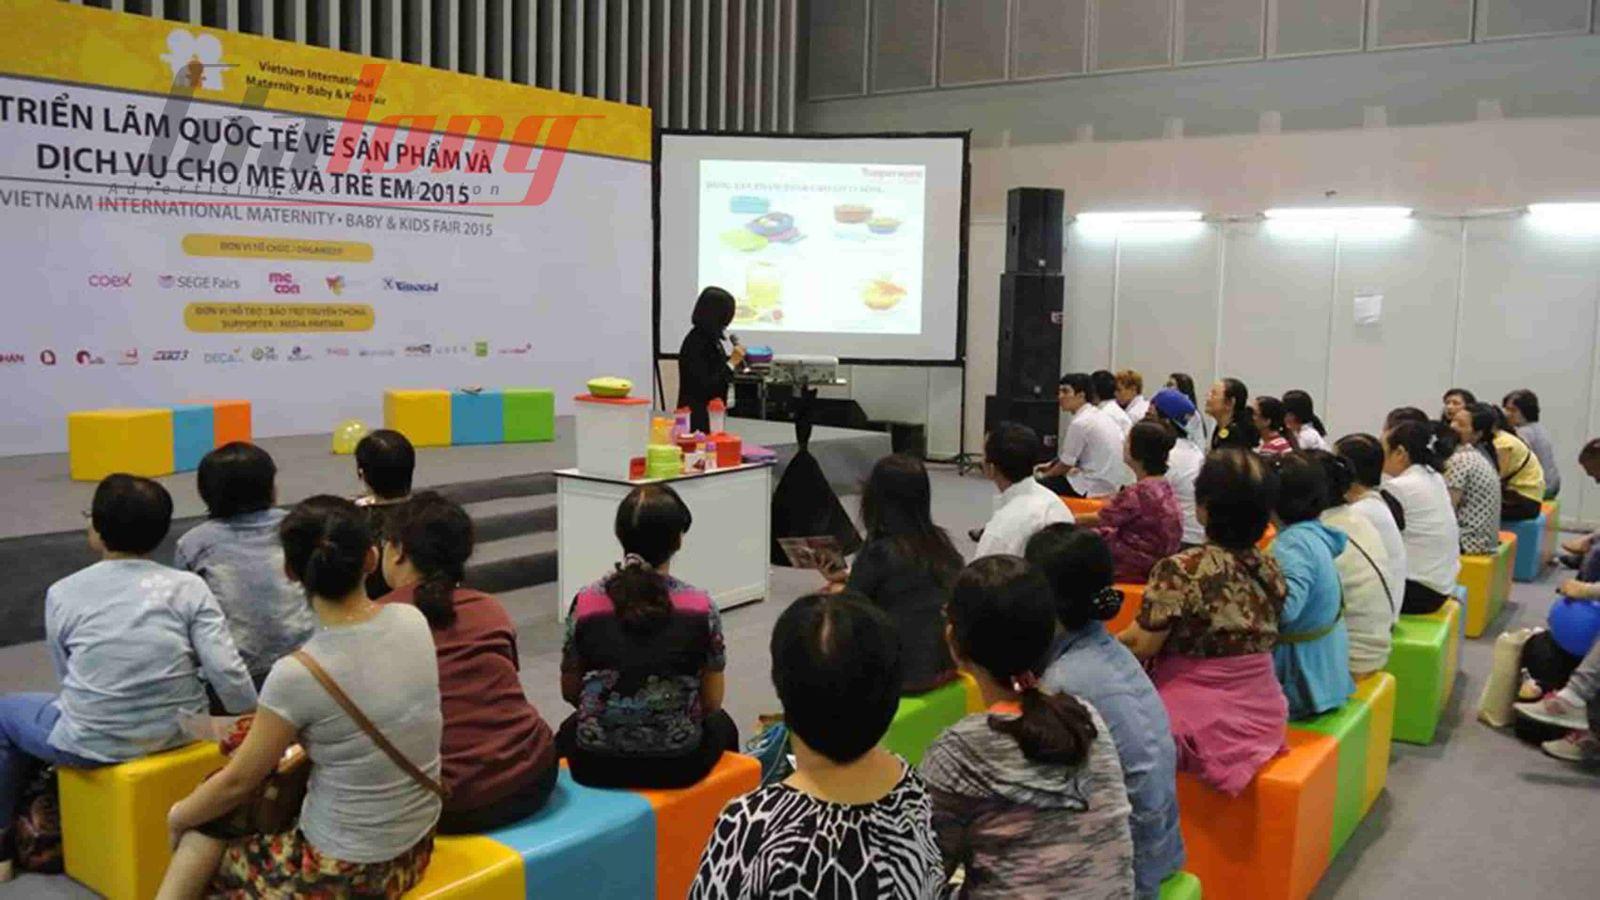 Hội thảo dành cho phụ huynh khi tham gia Triển lãm Quốc tế Sản phẩm dịch vụ cho Mẹ bầu, Mẹ và Trẻ em